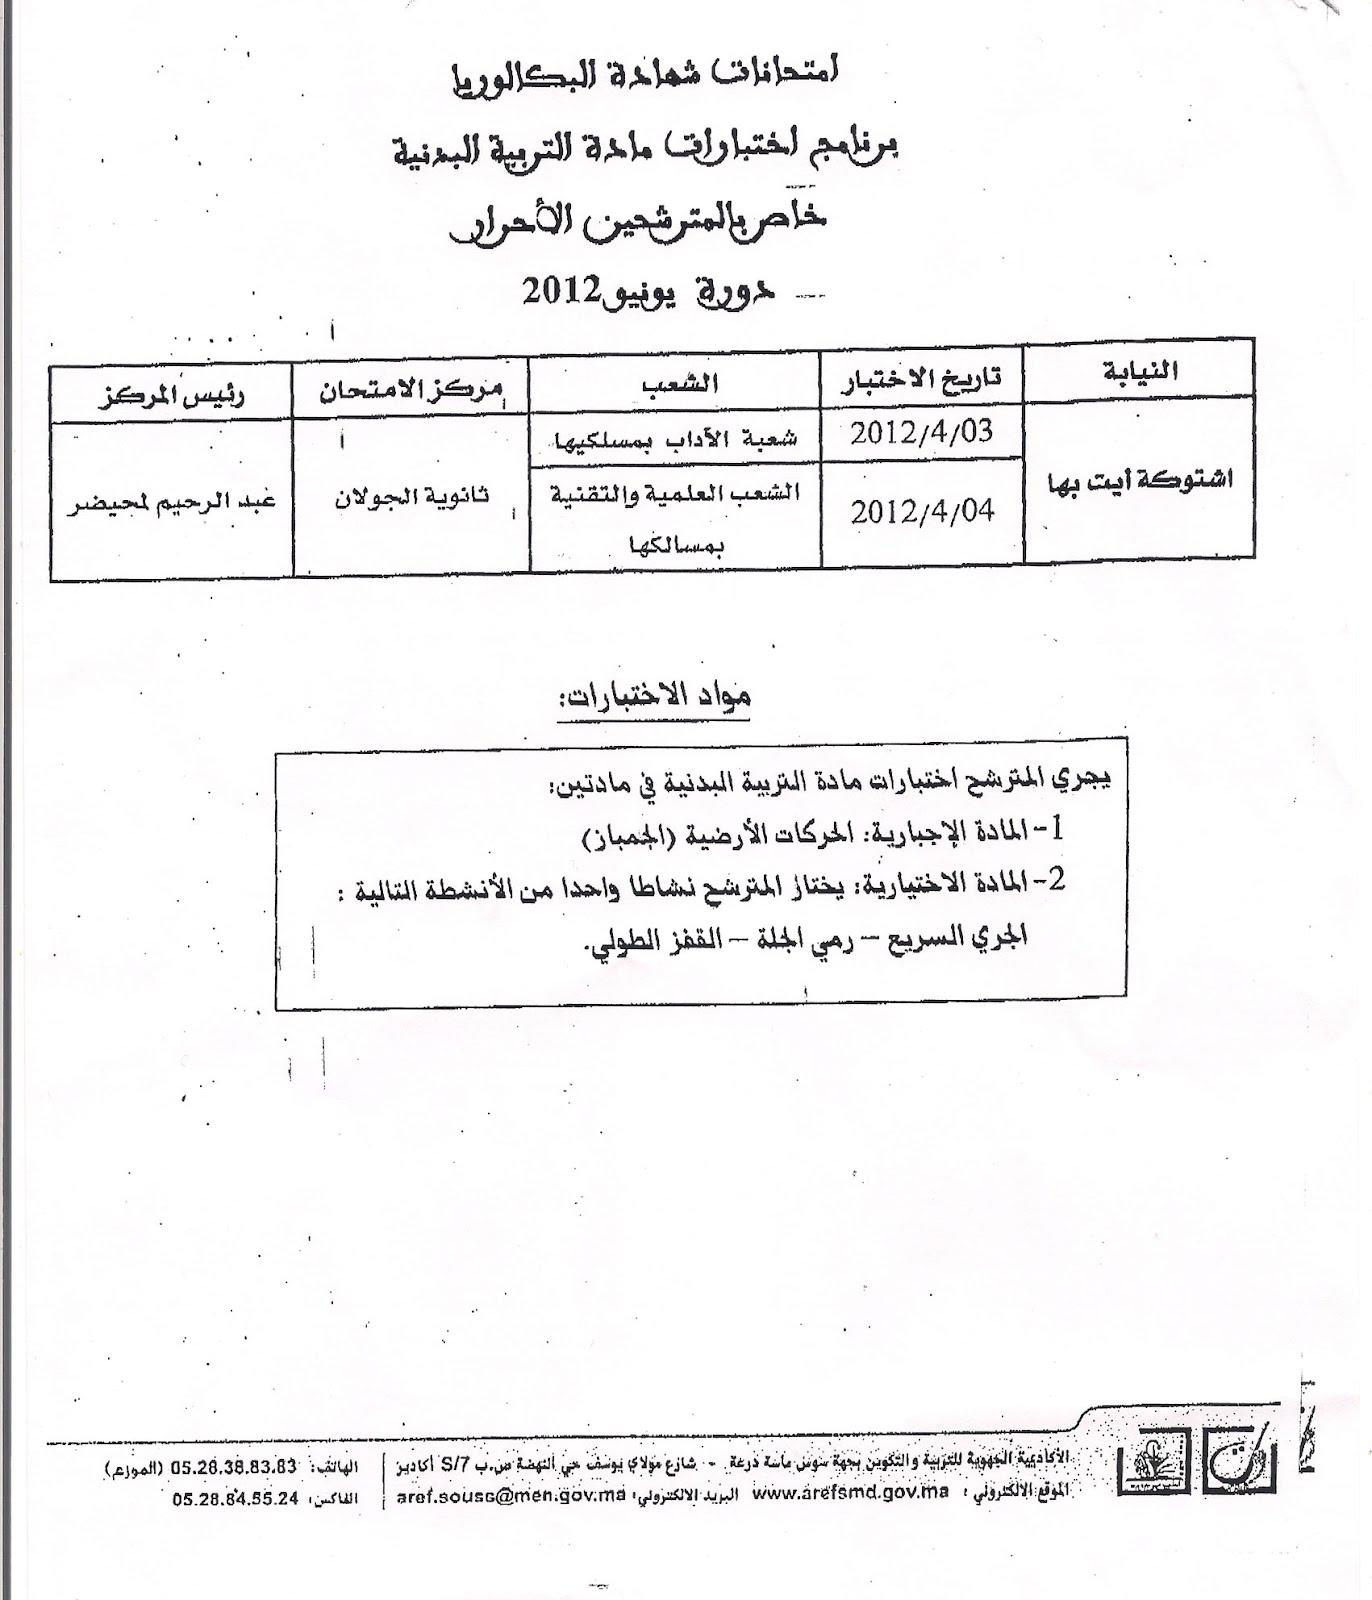 إمتحانات الباكالوريا لمادة التربية البدنية (فئة المترشحين الأحرار) بنيابة اشتوكة ايت باها،الجدولة الزمنية للاختبارات (دورة يونيو 2012) Mobarat